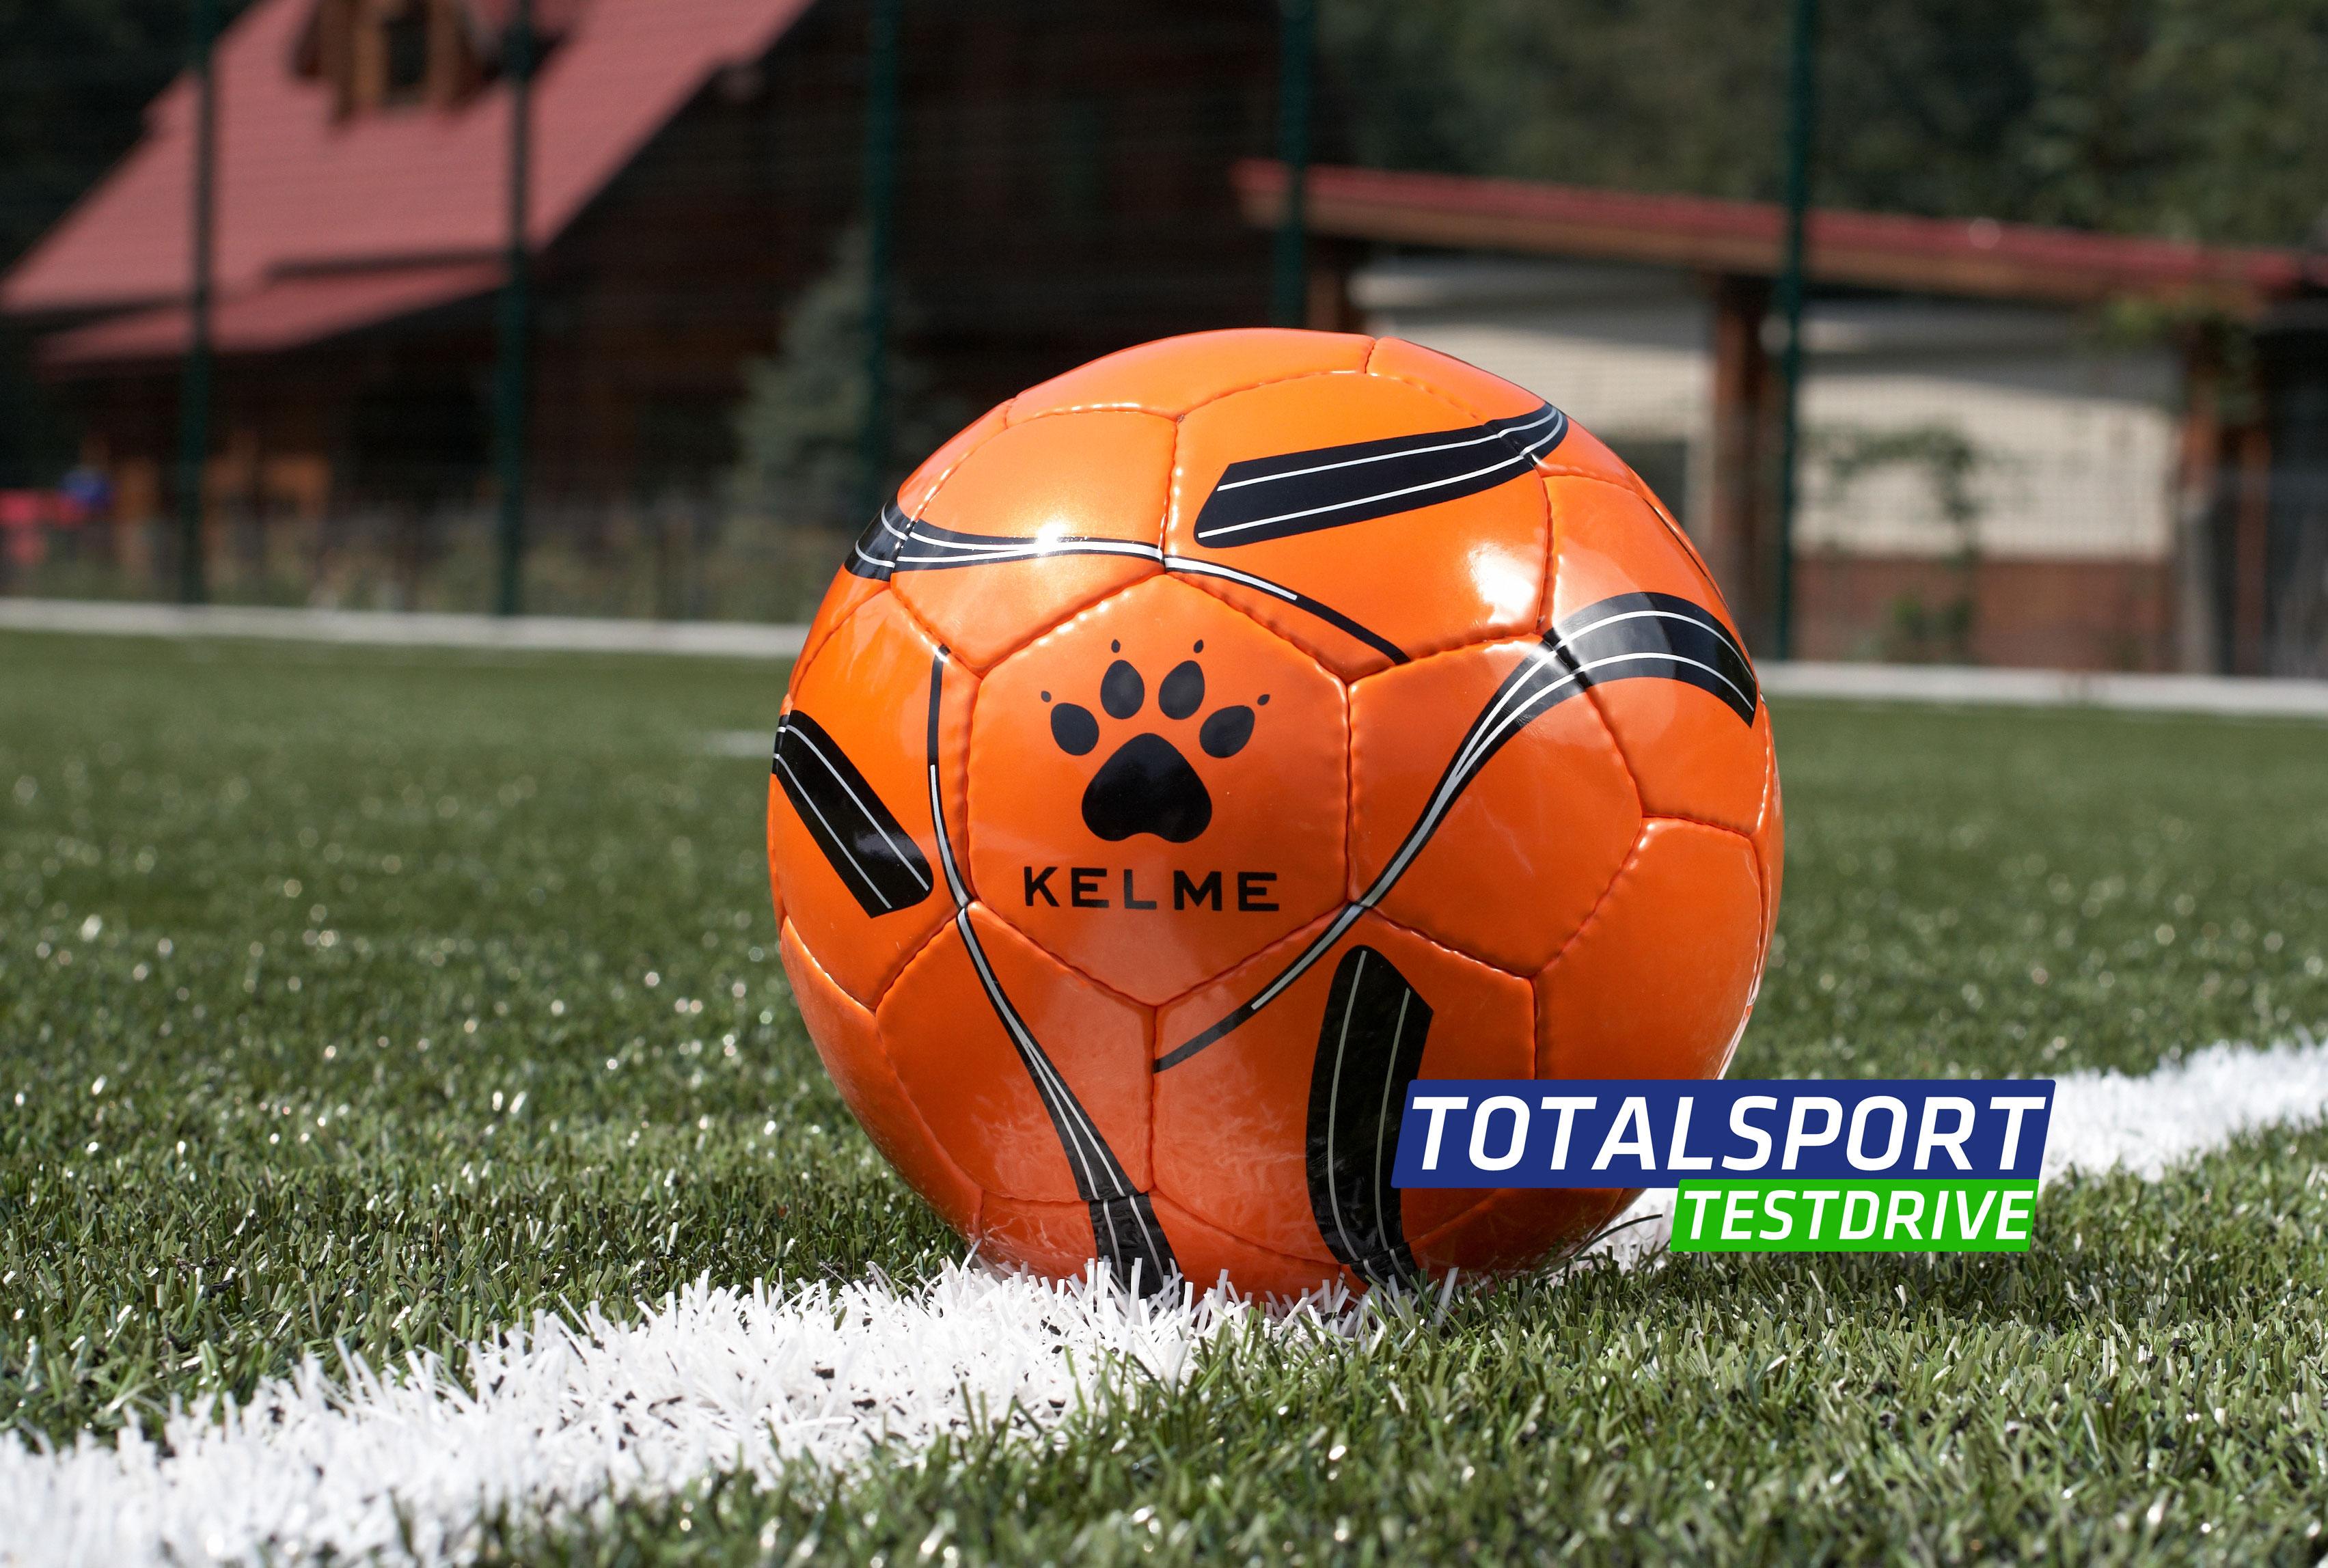 Как выбрать по-настоящему прочный и долговечный футбольный мяч с отличными  эргономическими данными но по оптимальной цене и получить оптимальное  качество  6d0f4ad510d